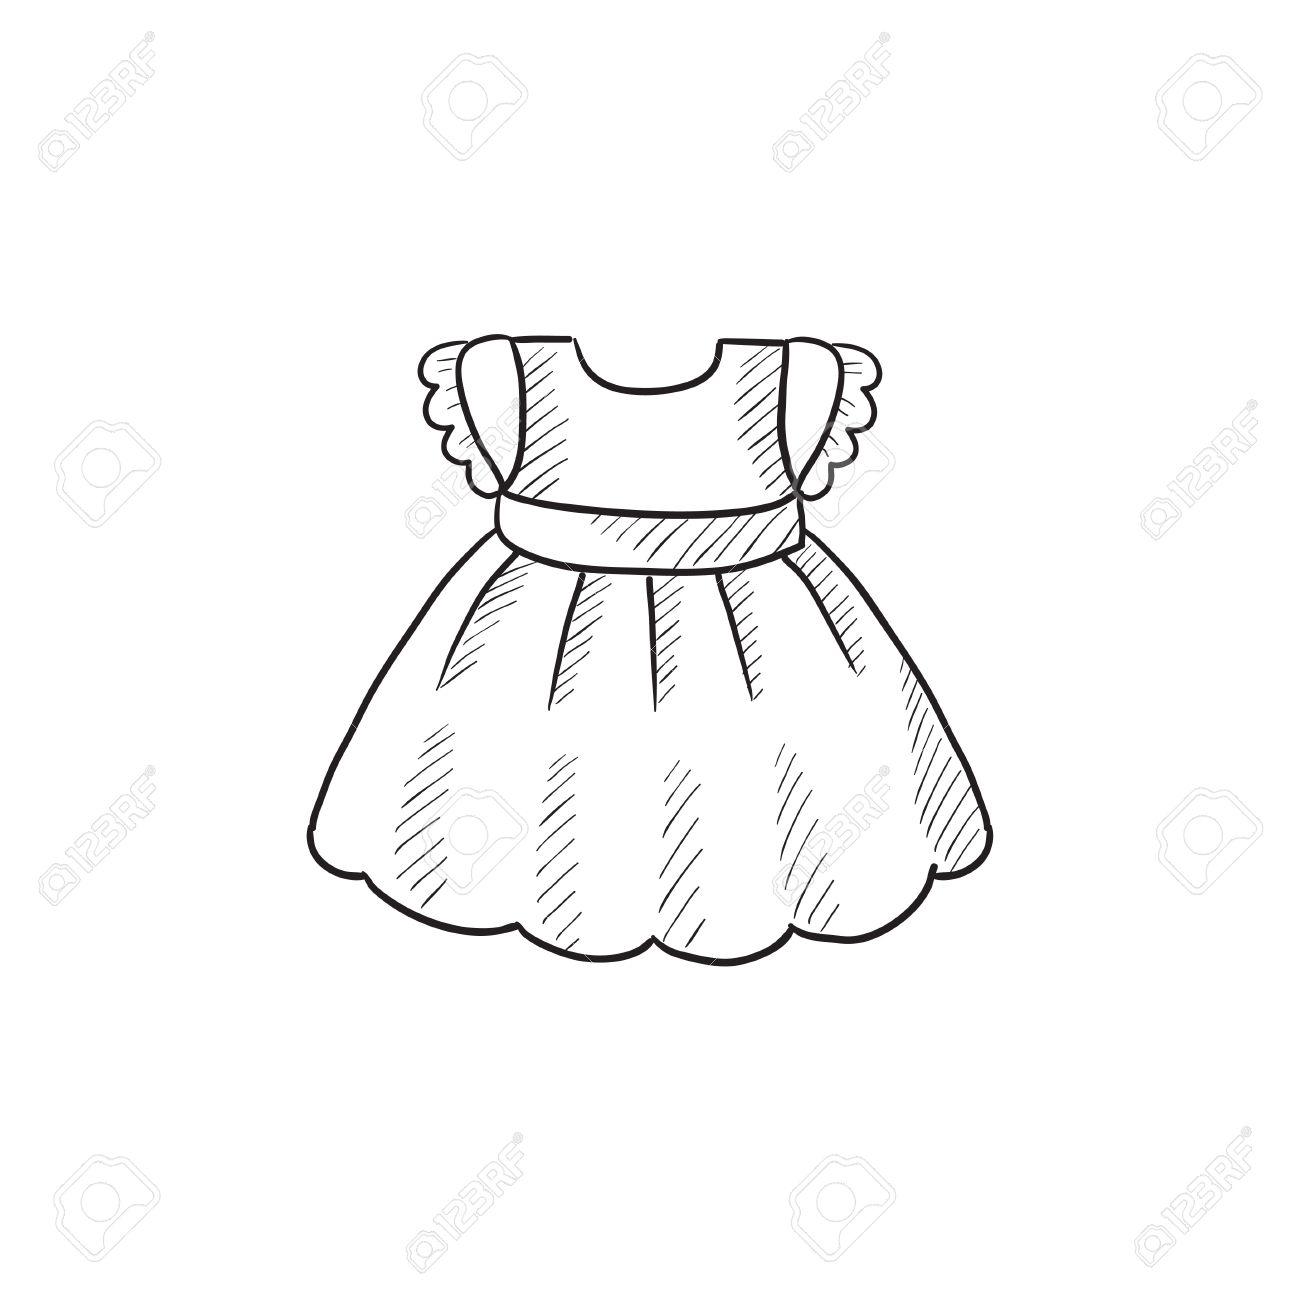 Bebé Dibujo Icono De Vestido Vector Aislado En El Fondo Dibujado A Mano Icono Del Vestido Del Bebé Icono De Boceto Del Vestido Del Bebé De